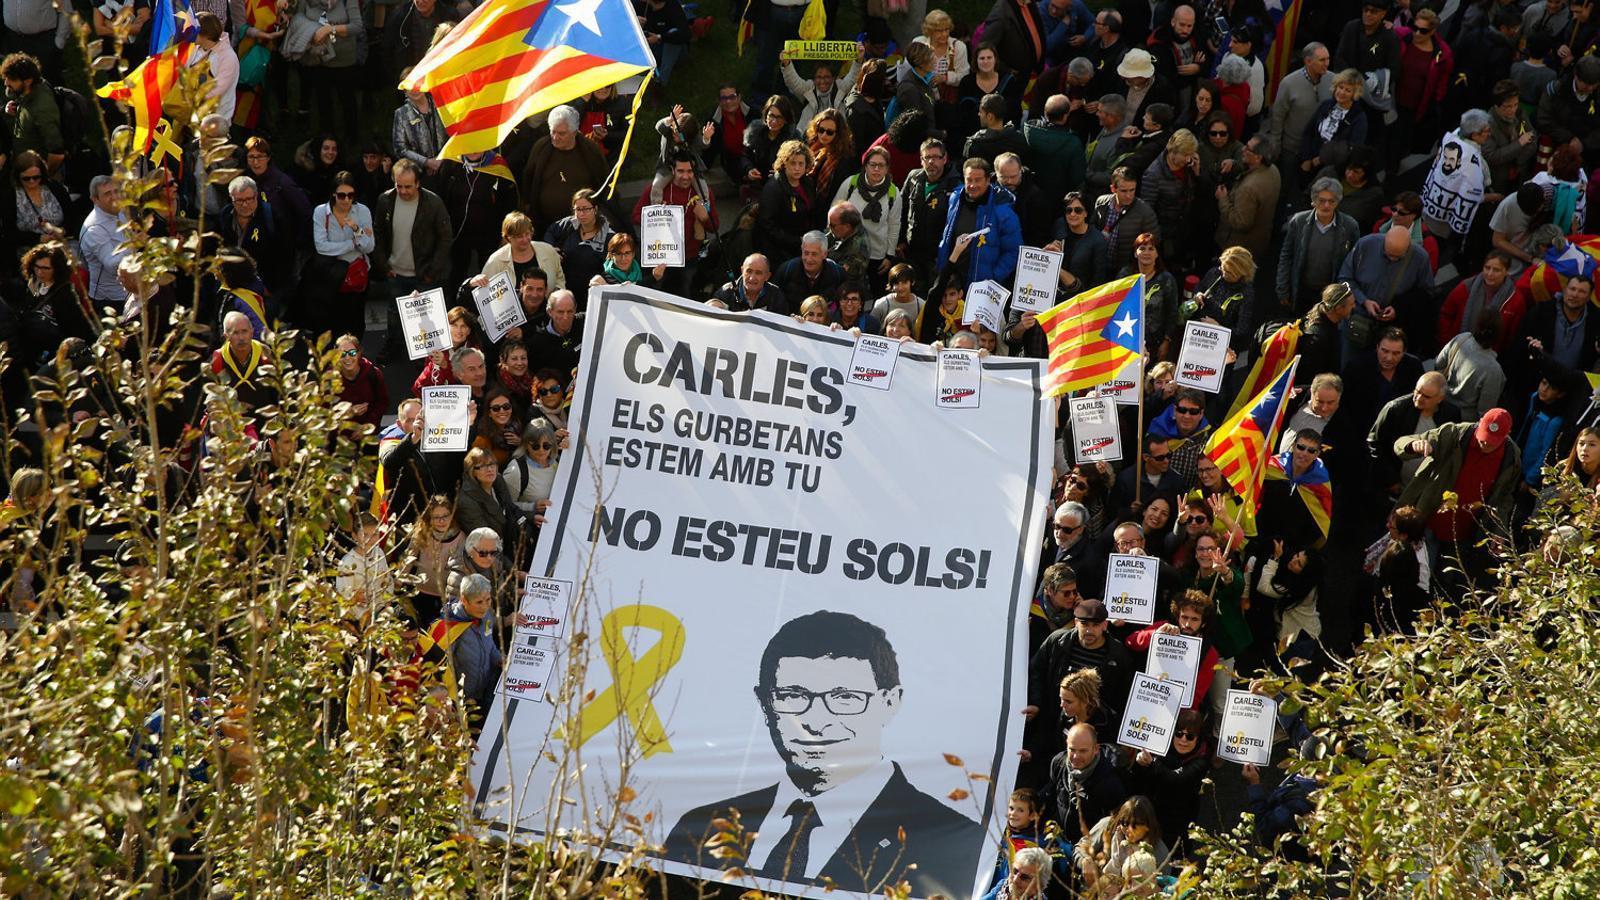 pancartes Carles Mundo Gurb manifestacio 1904819653 48636843 651x366 - Fil de Ramir De Porrata-Doria. 20/10/18. PSOE i PSC, pressupostos de l'Estat